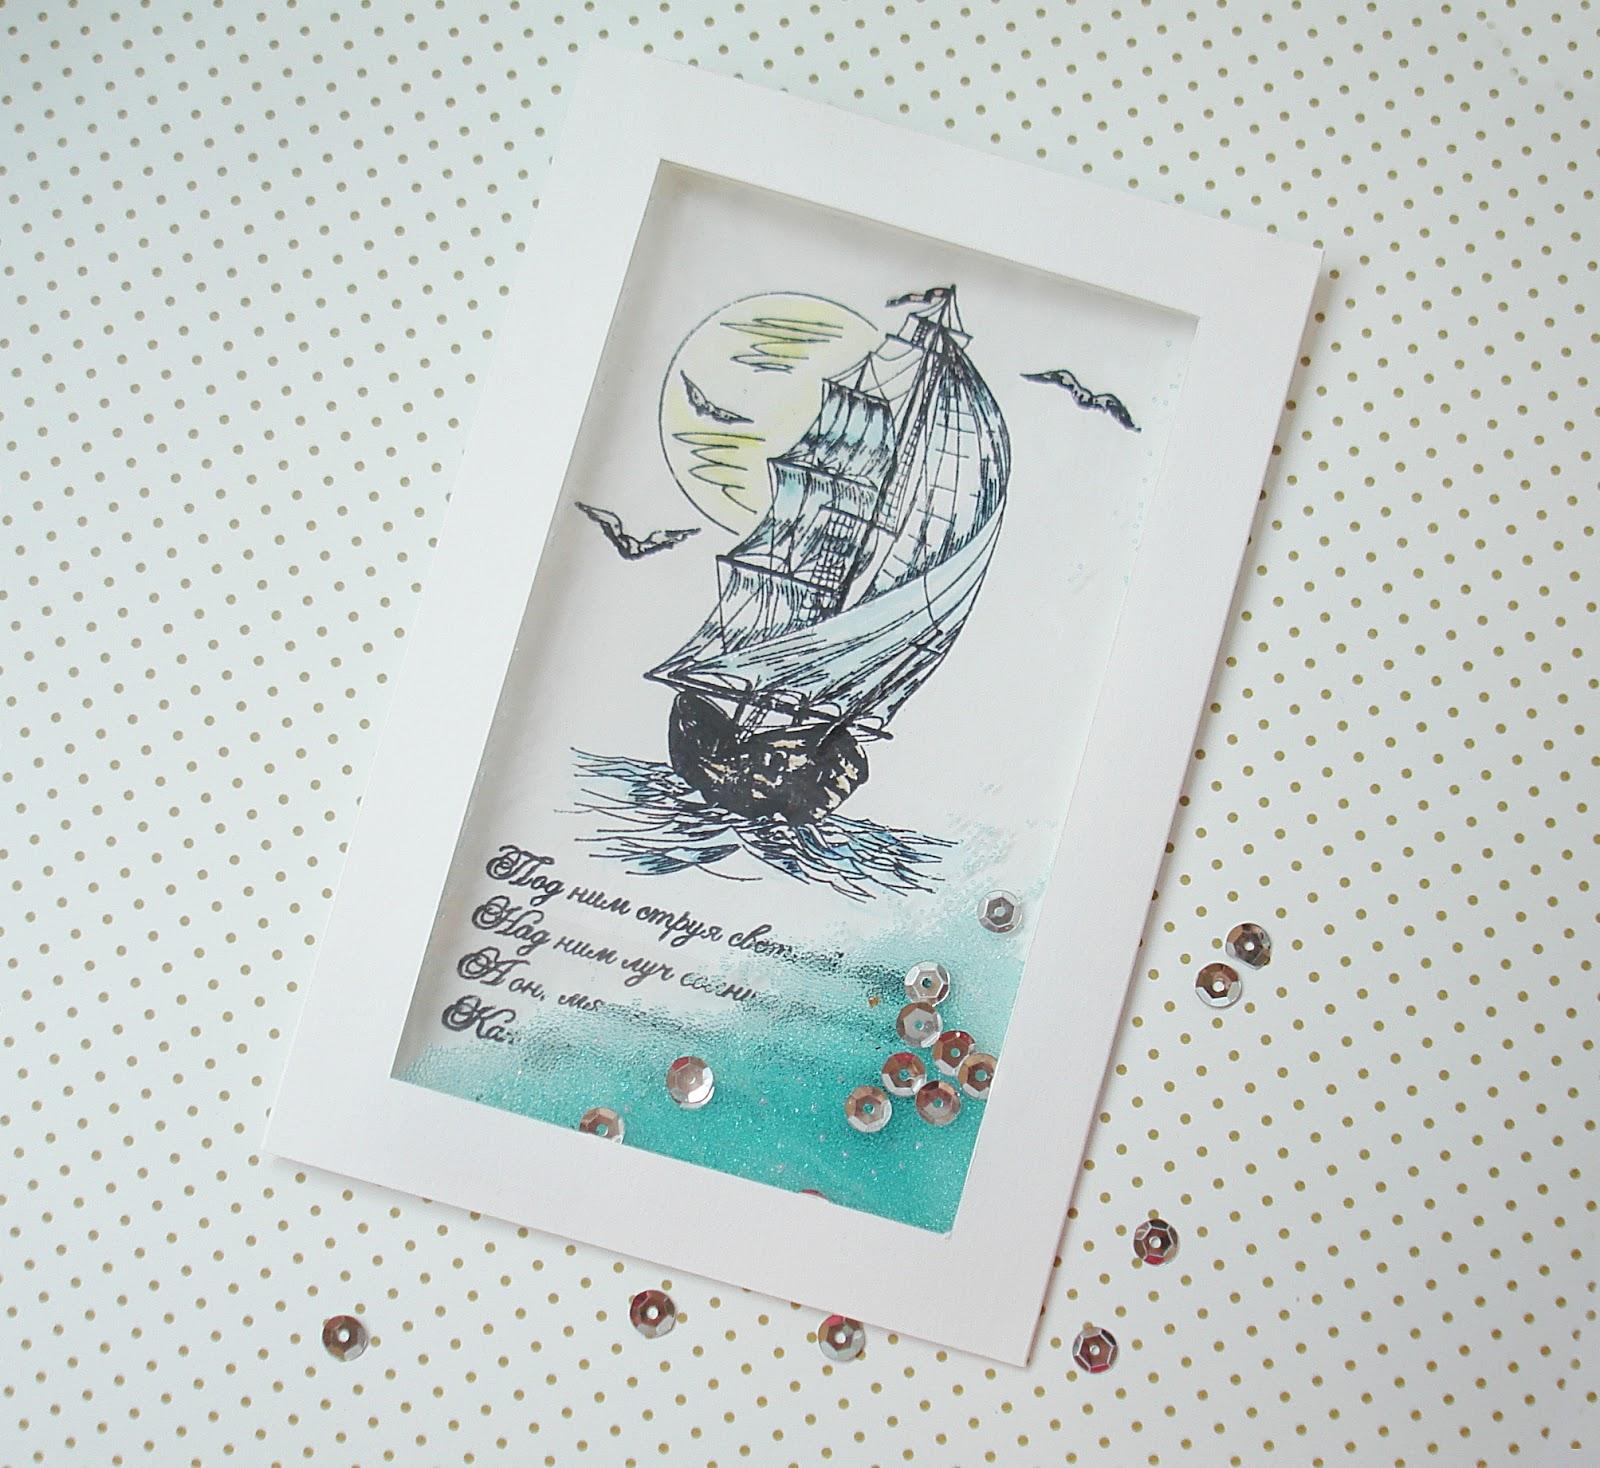 Открытка шейкер с блестками как собрать из набора пошаговая инструкция, дневниками вампира смешные